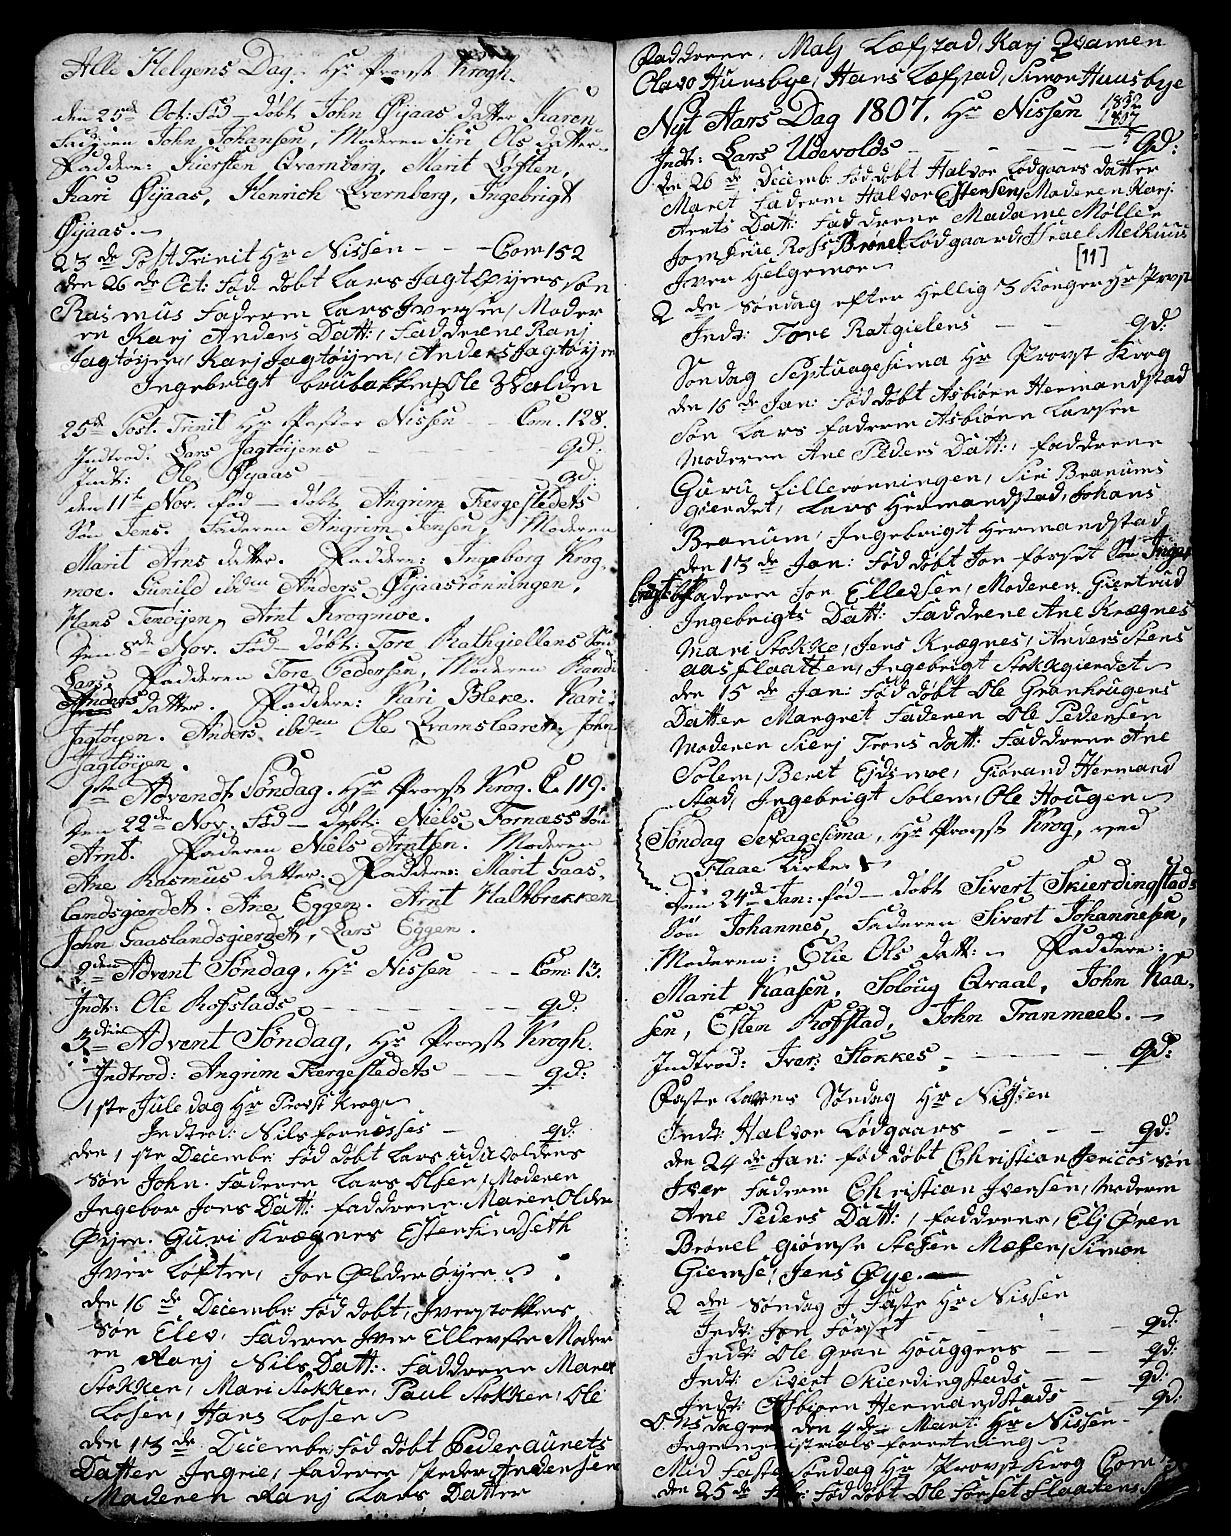 SAT, Ministerialprotokoller, klokkerbøker og fødselsregistre - Sør-Trøndelag, 691/L1091: Klokkerbok nr. 691C02, 1802-1815, s. 11